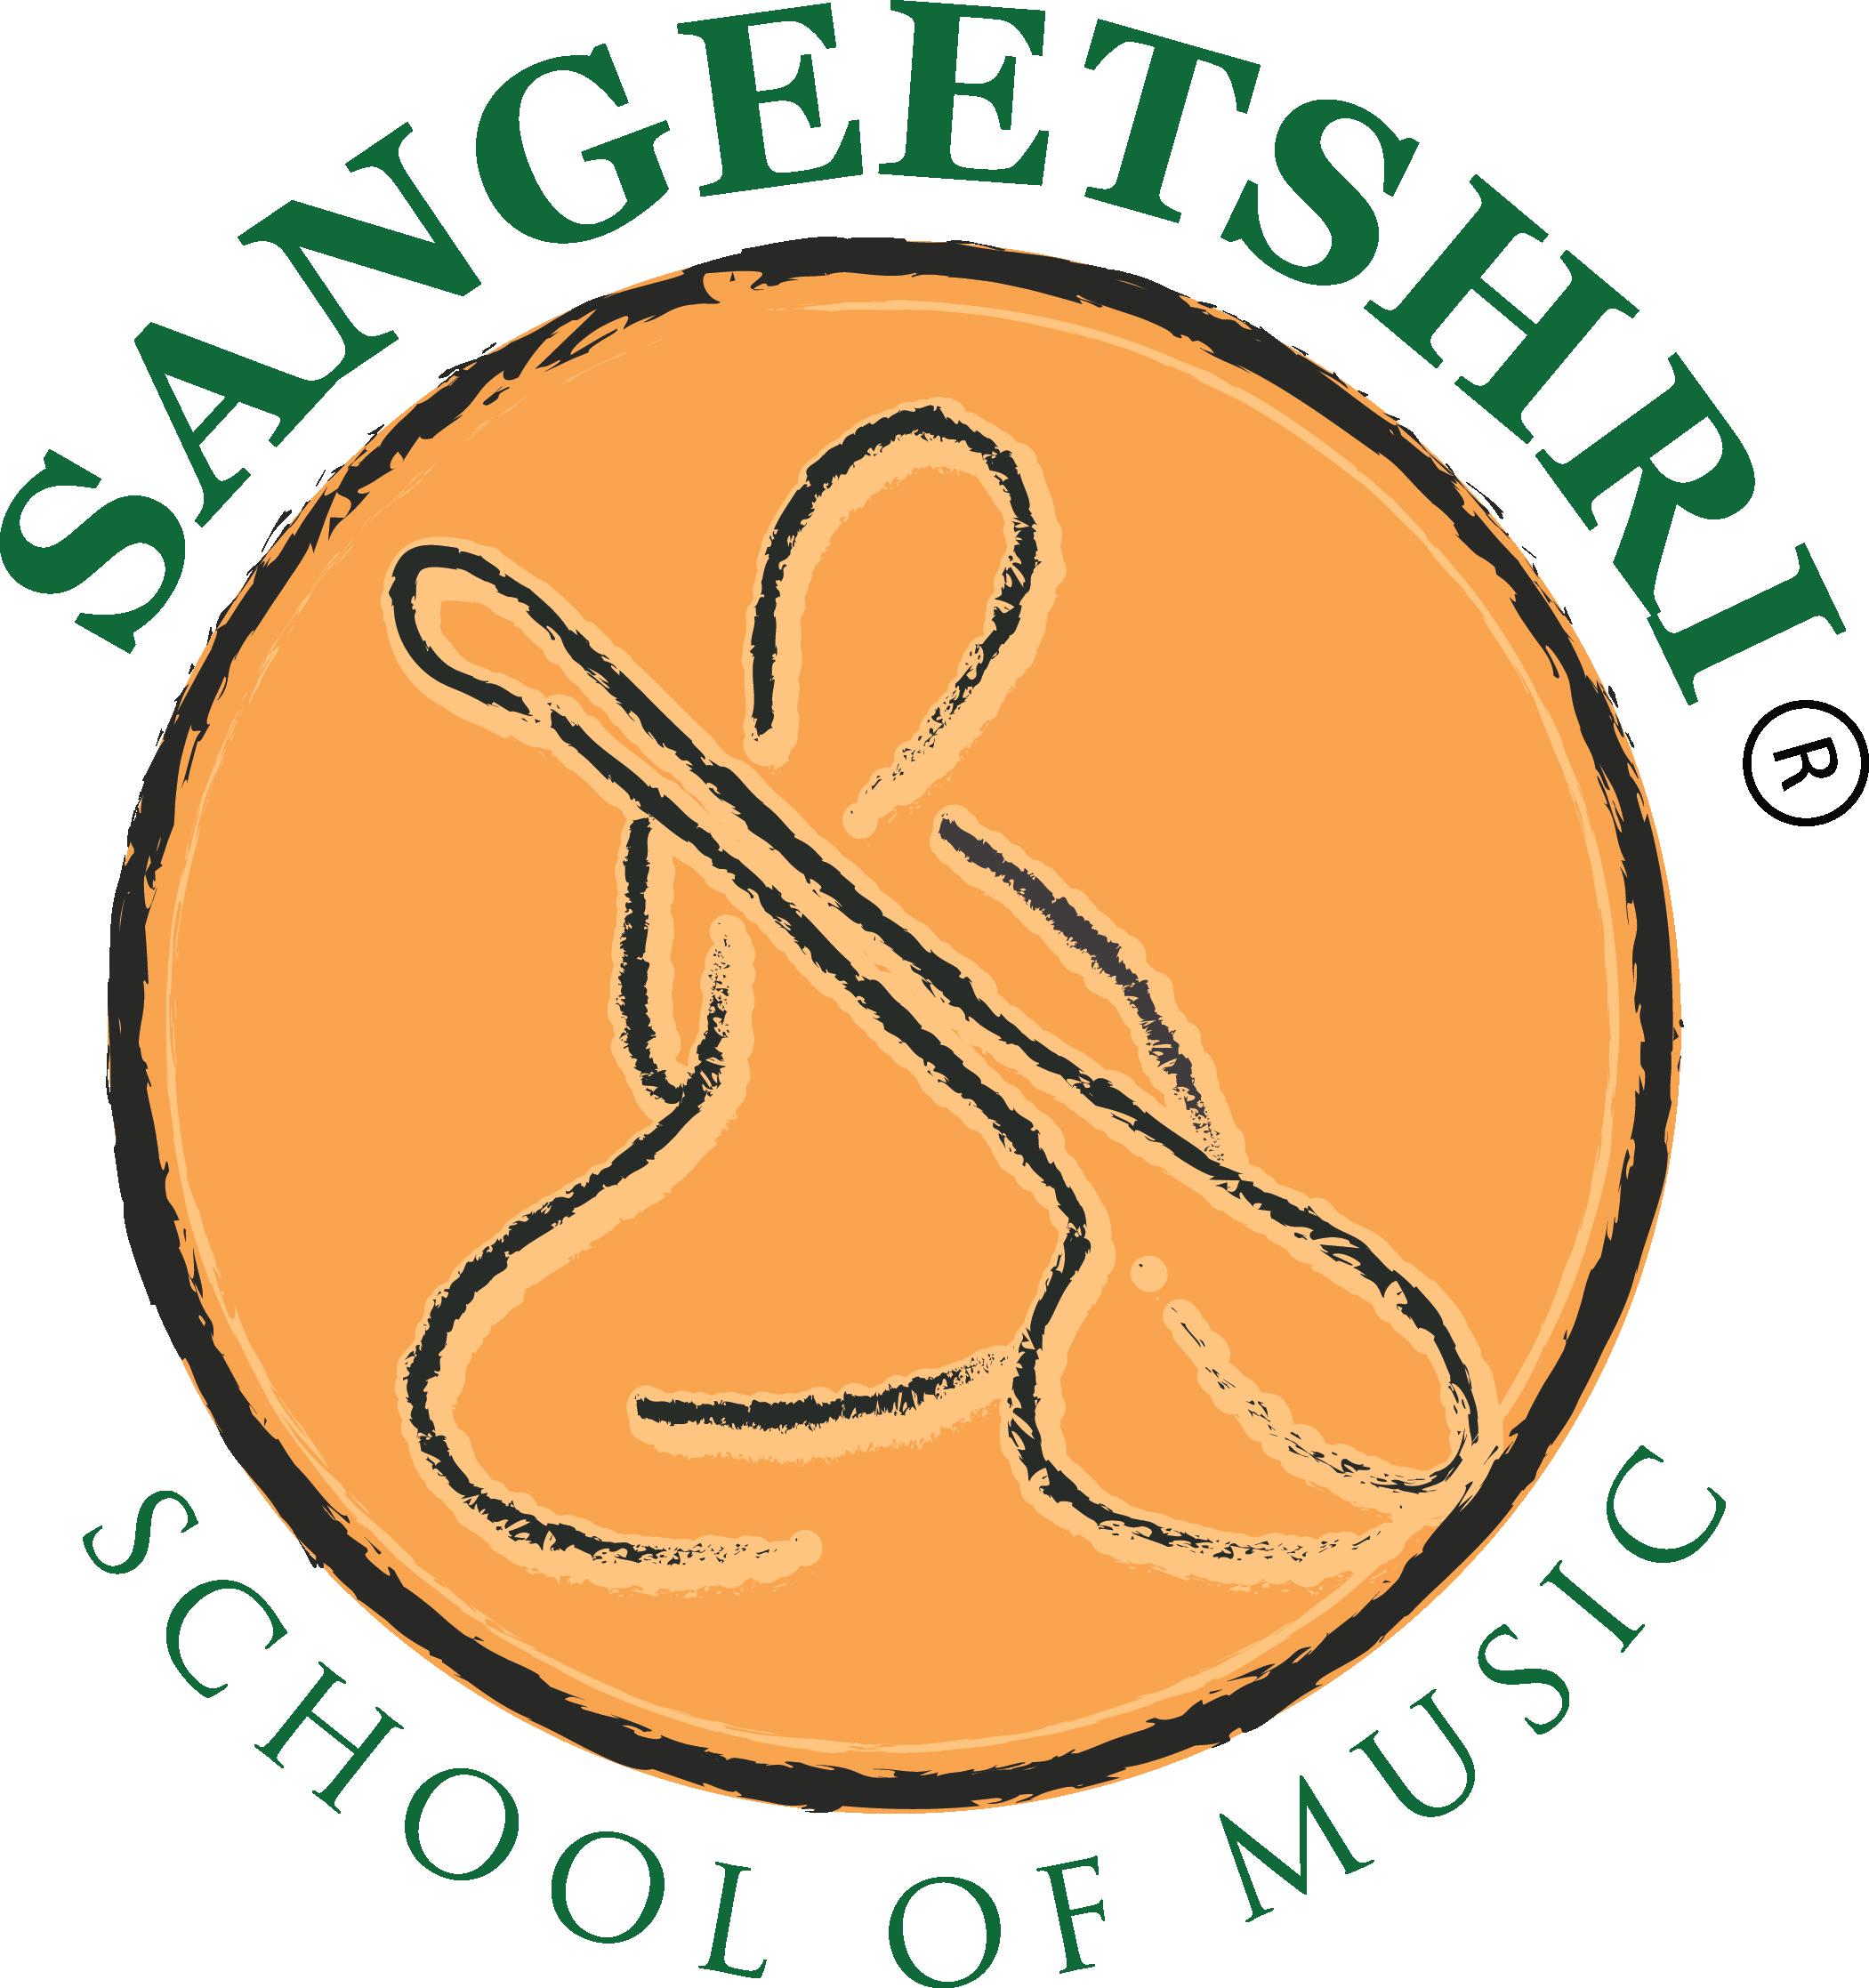 Sangeetshri